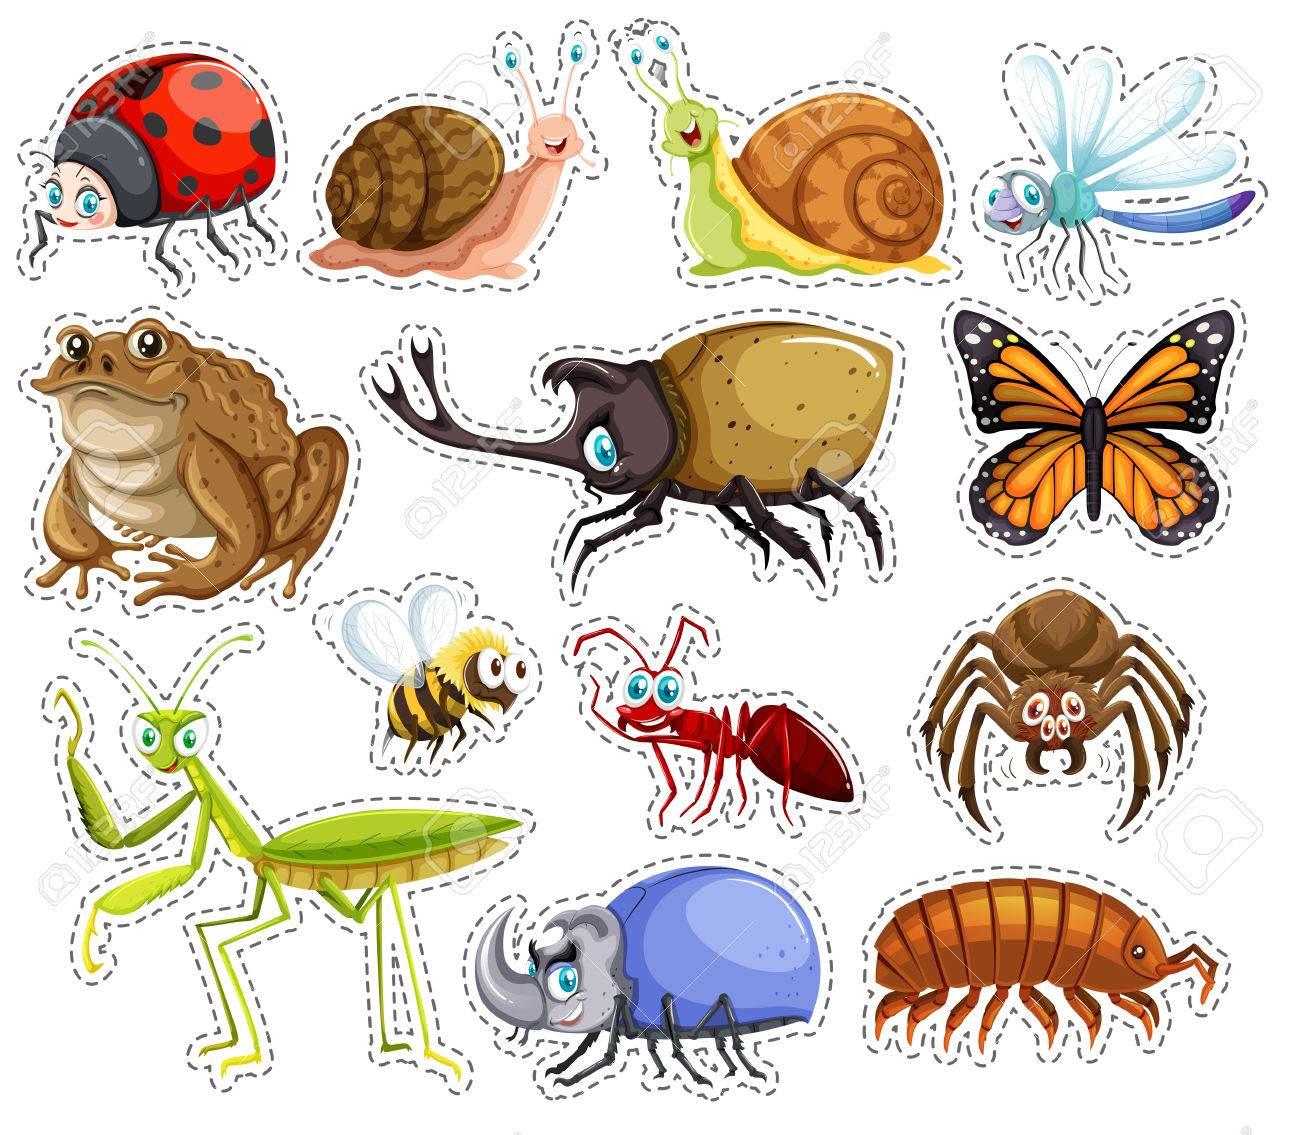 多くの昆虫のイラストのステッカー セットのイラスト素材ベクタ